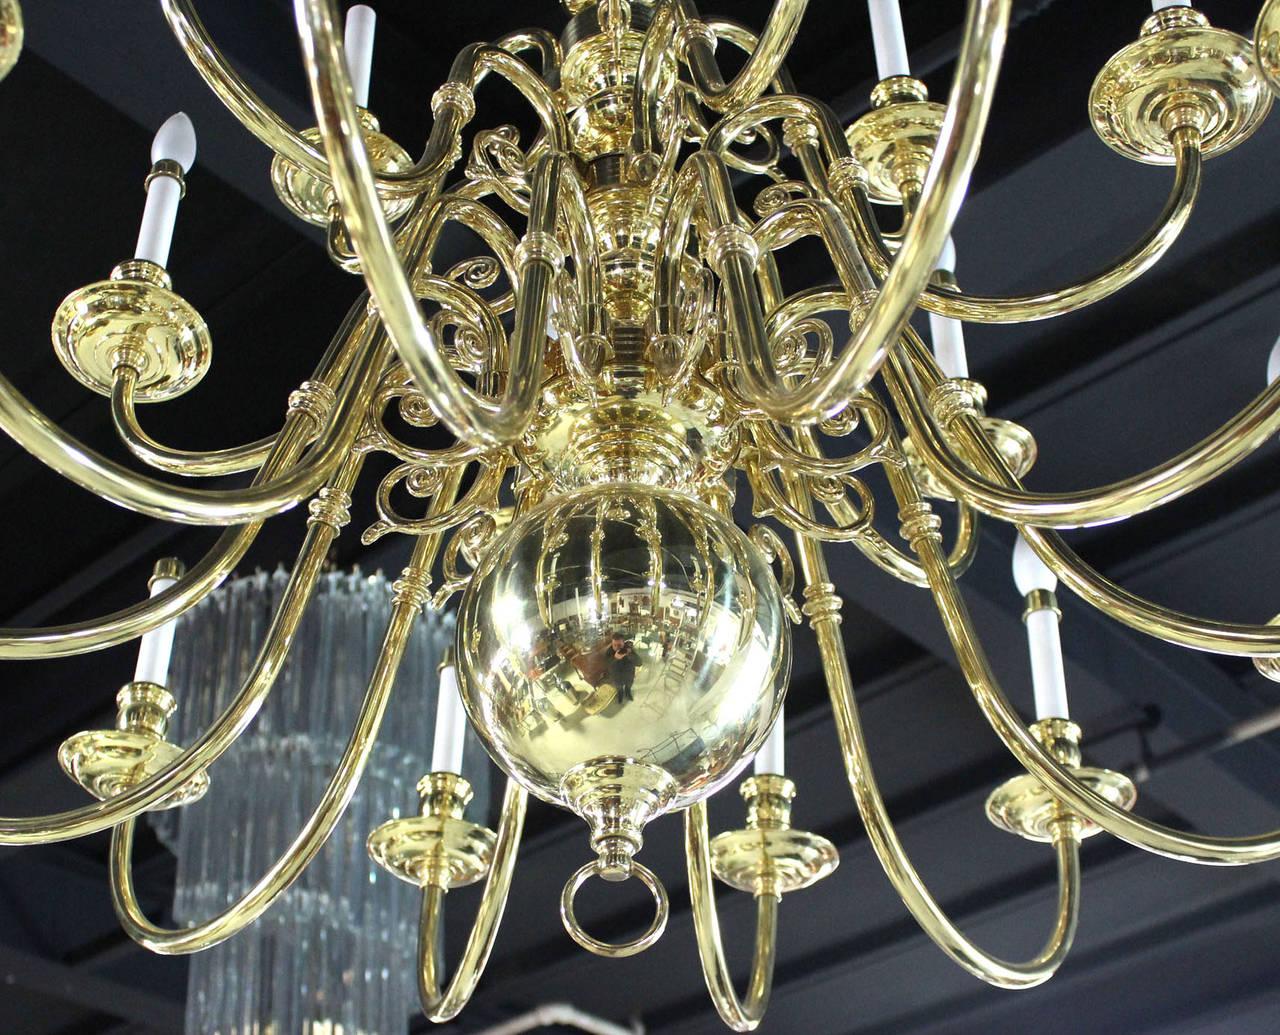 Vintage Brass Candelabra Chandelier For Sale at 1stdibs